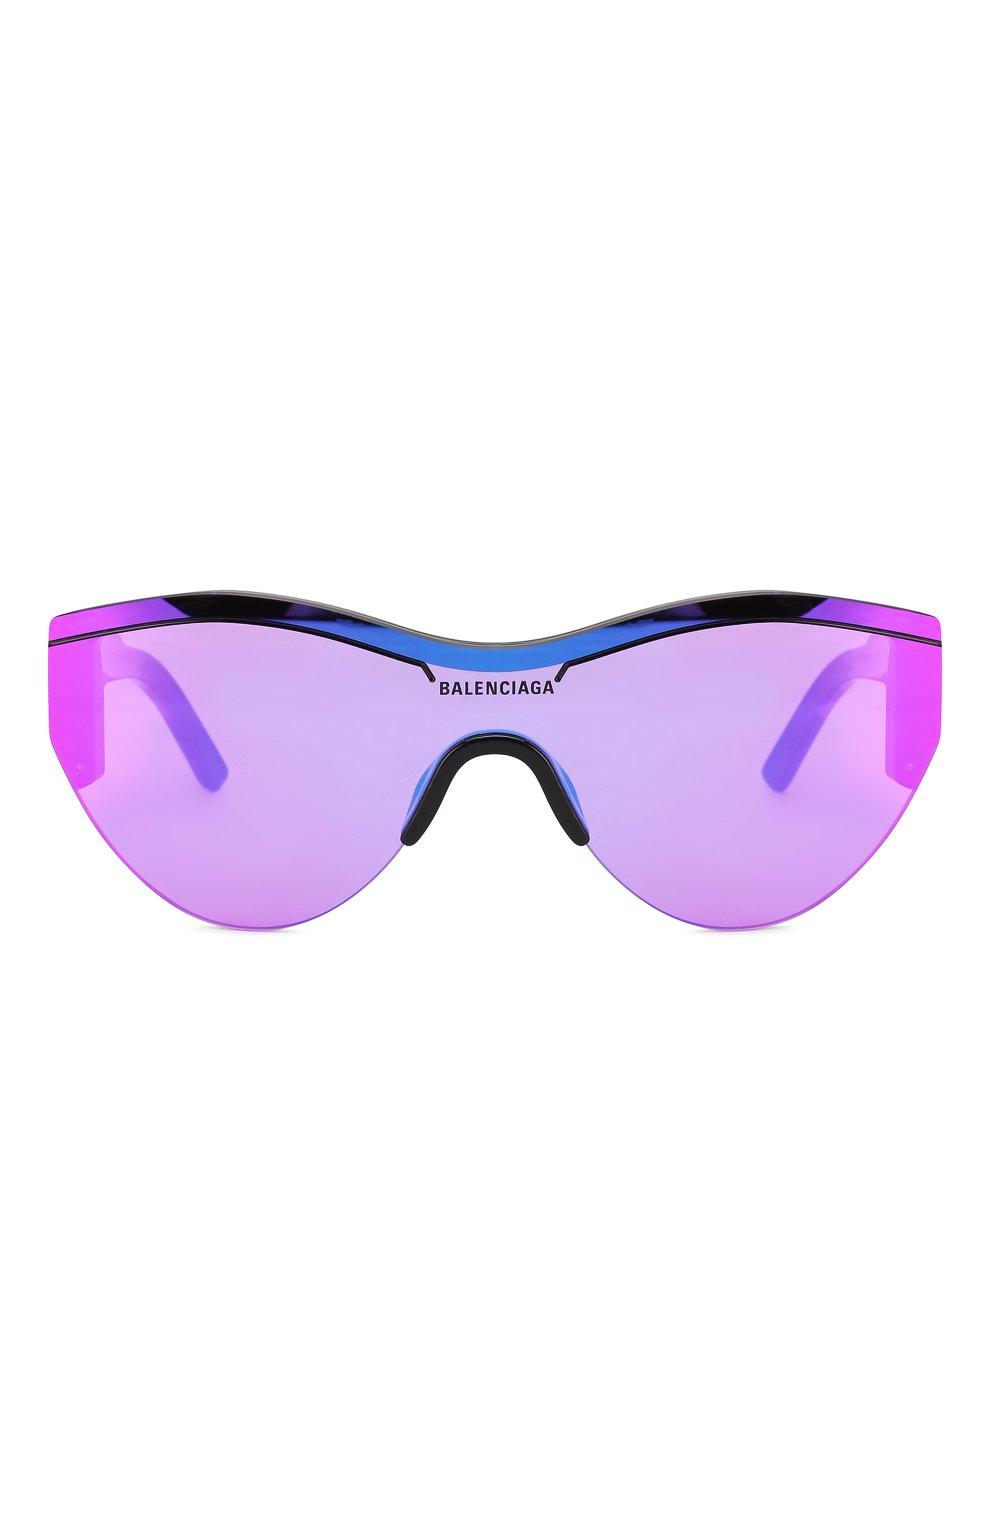 Женские солнцезащитные очки BALENCIAGA фиолетового цвета, арт. BB0004 002 | Фото 3